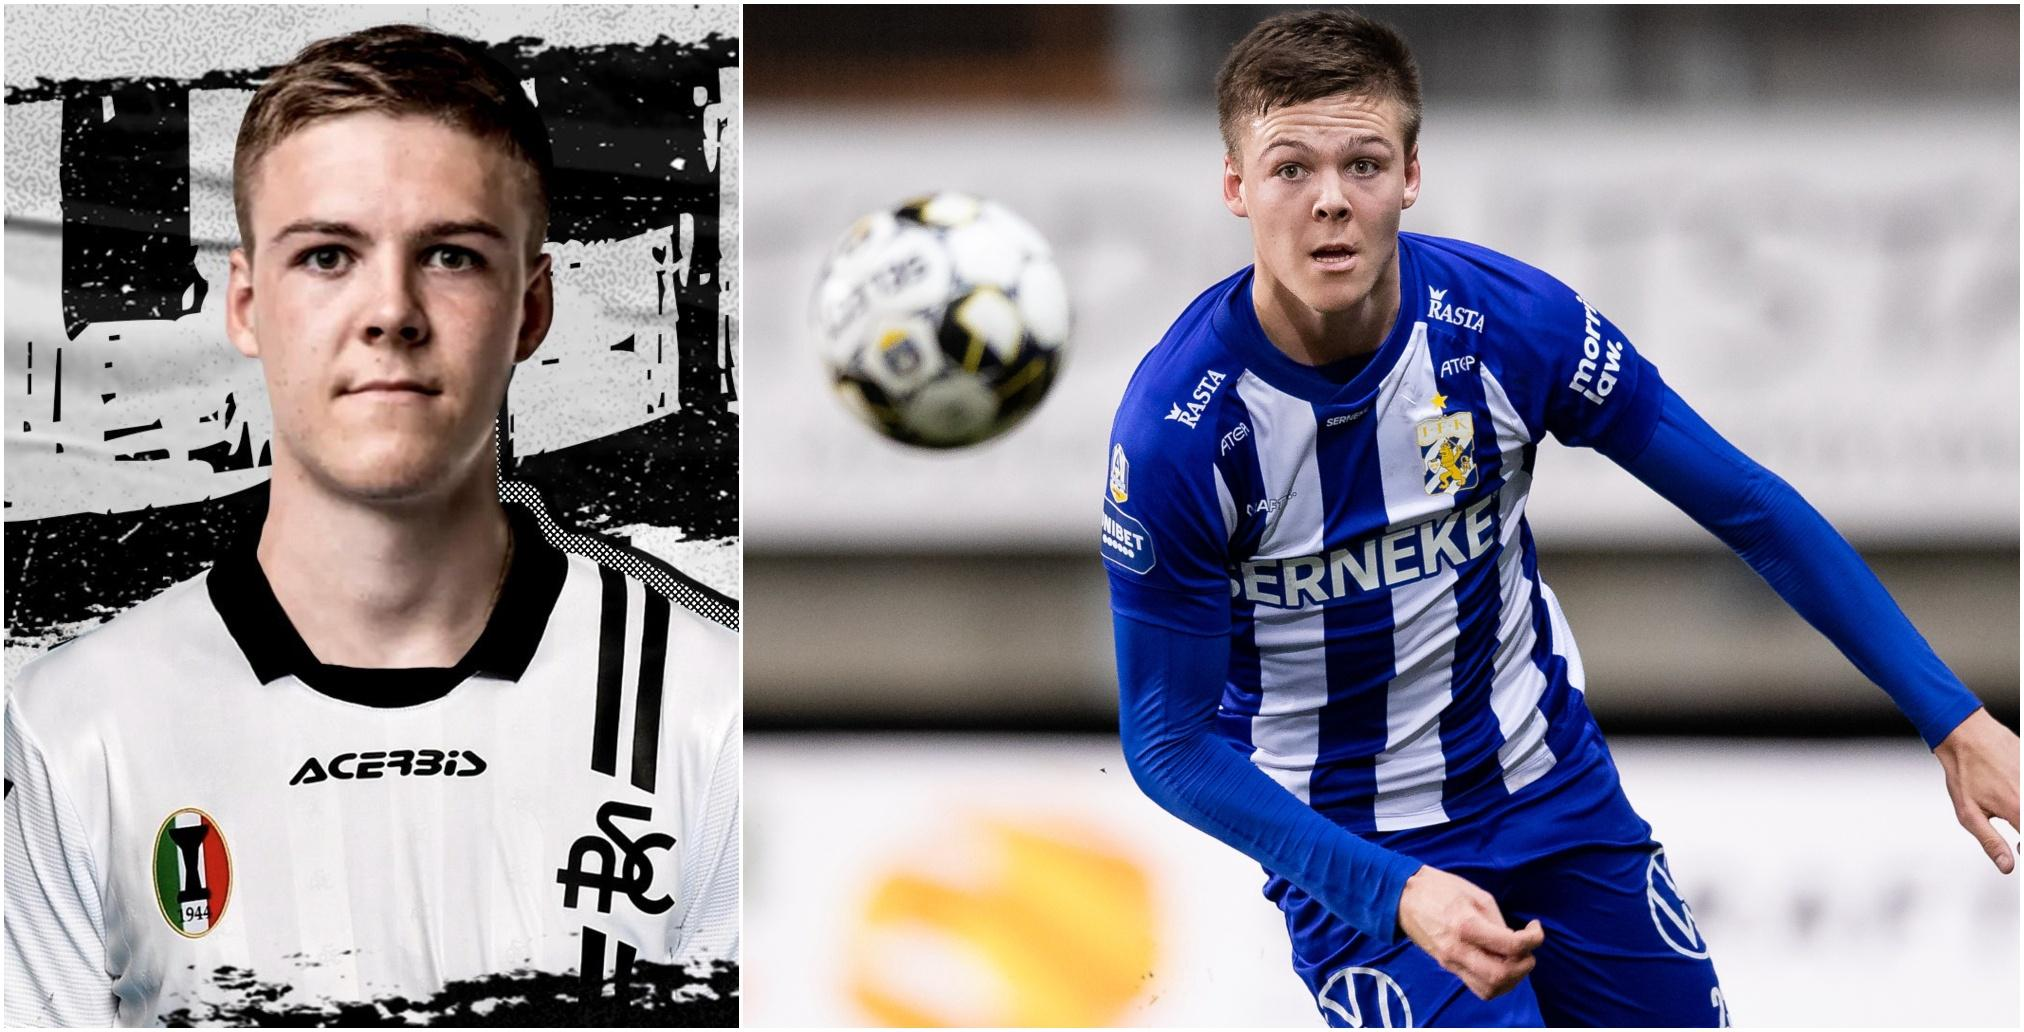 Emil Holm klar för Serie A-klubben Spezia